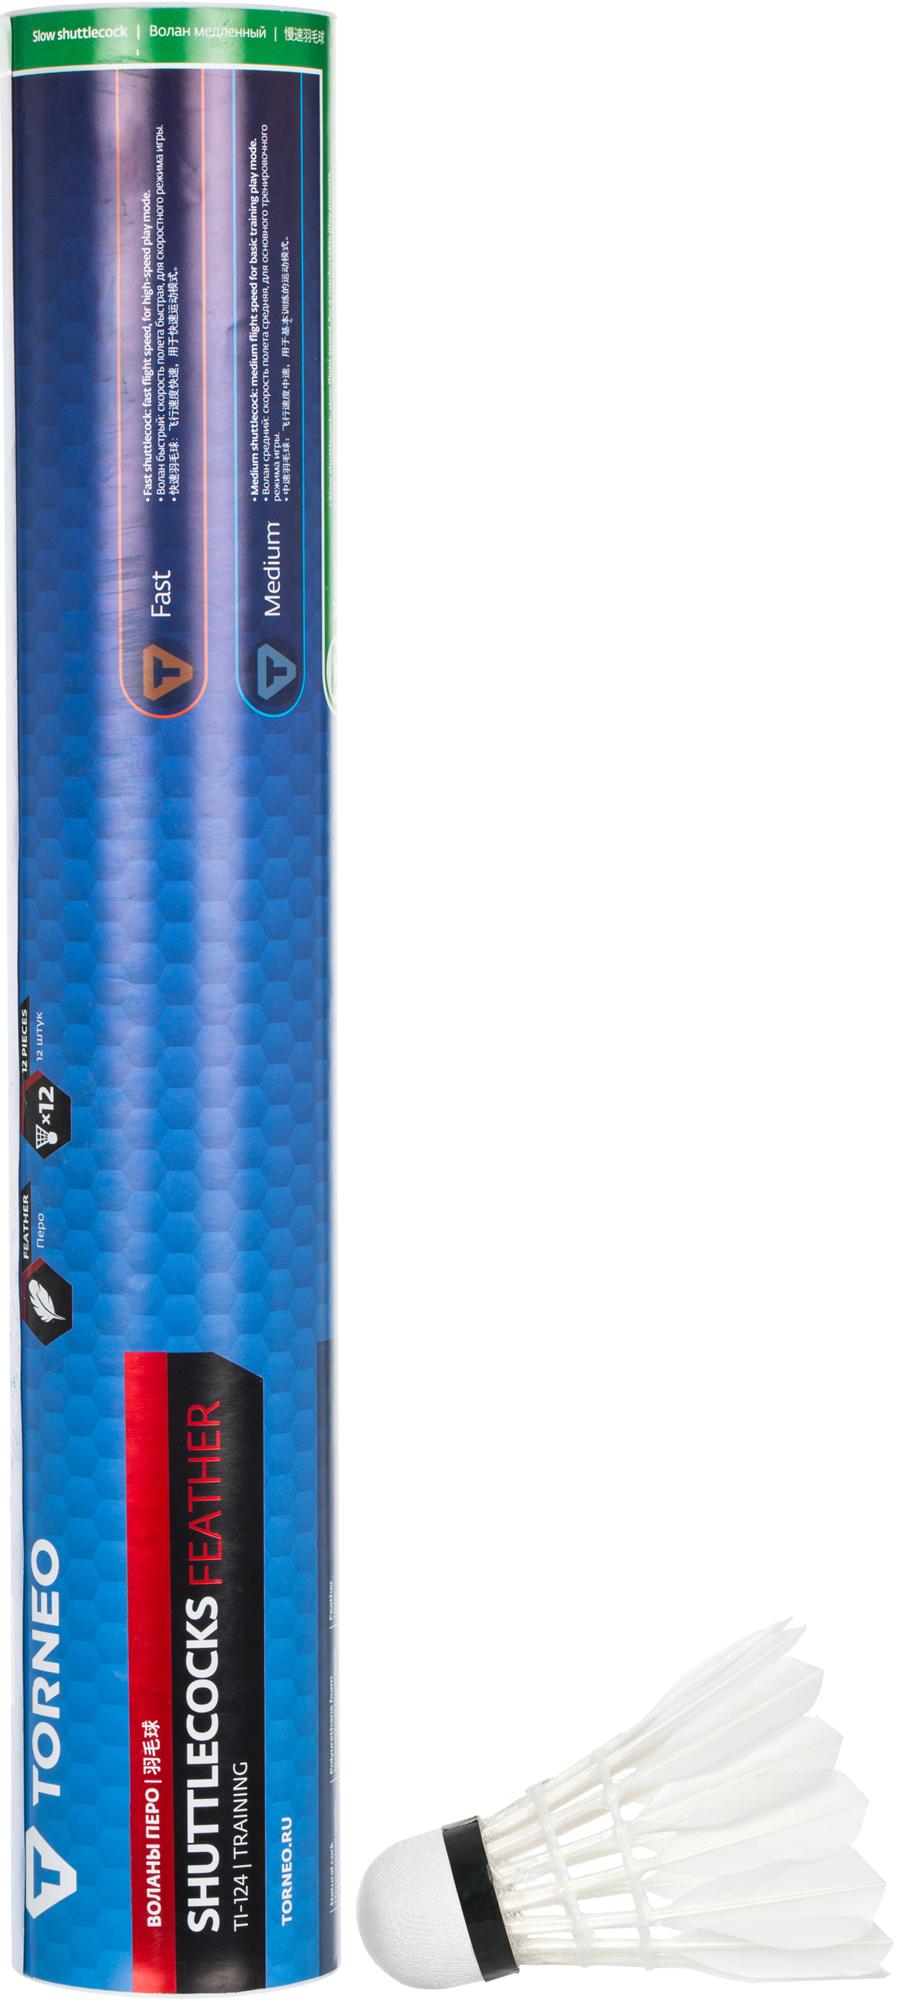 Torneo Набор воланов для бадминтона Torneo, 12 шт. набор для бадминтона wish fusiontec 799k цвет синий